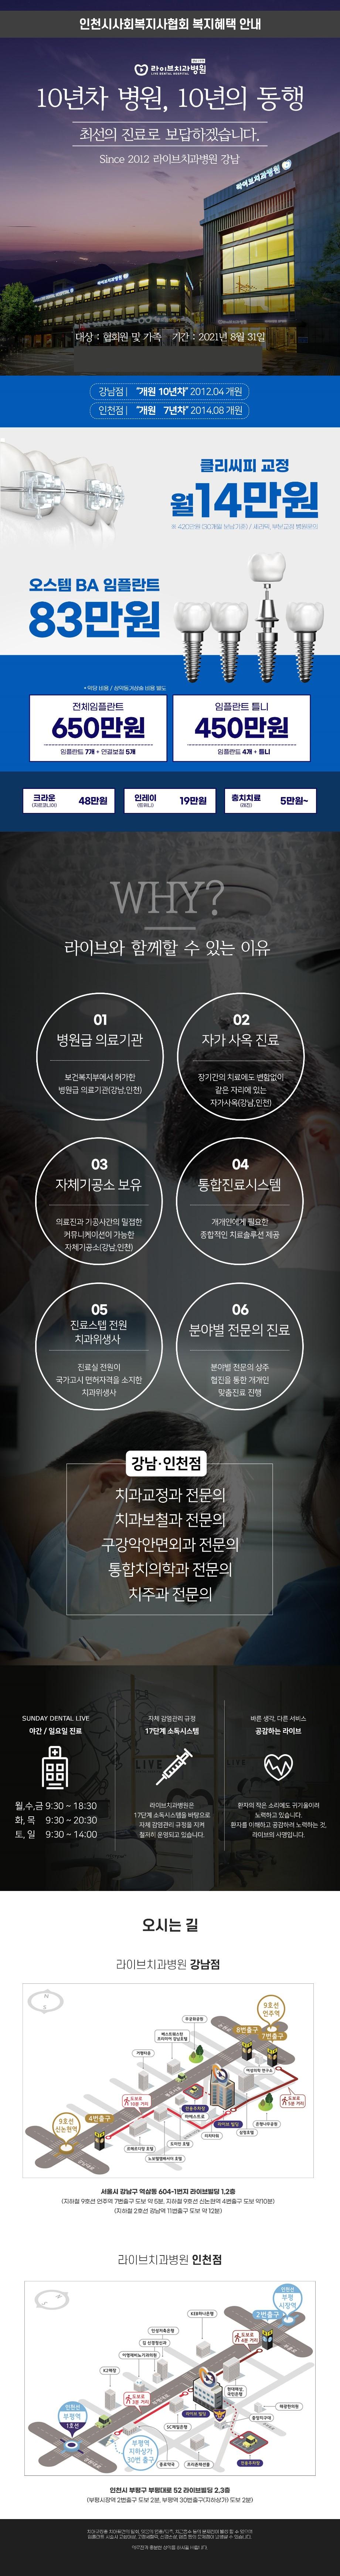 라이브치과 수정.jpg